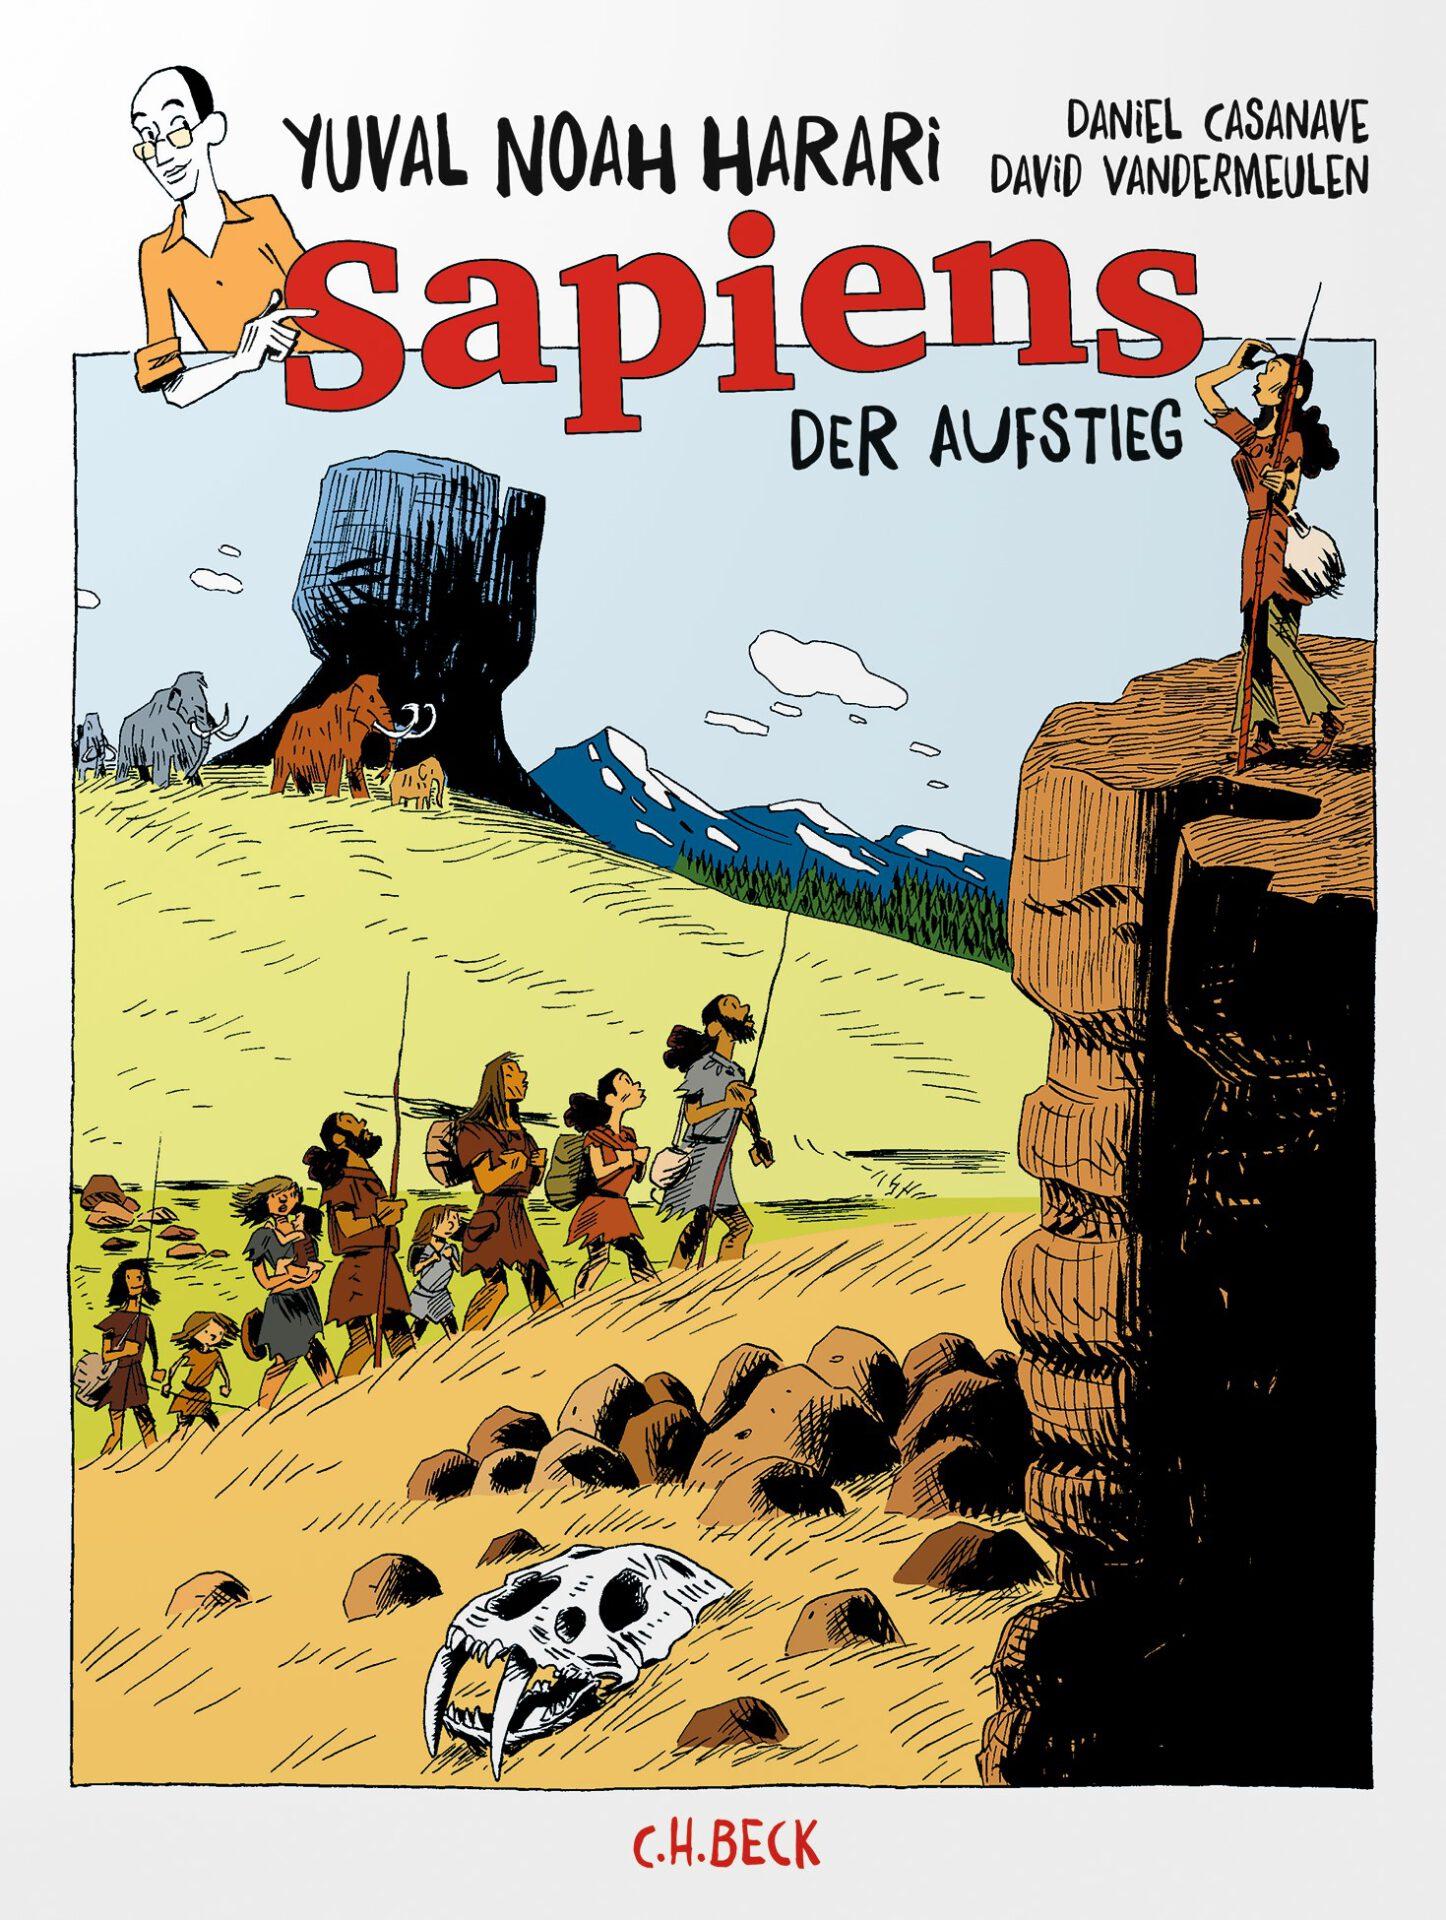 Sapiens - Der Aufstieg Book Cover